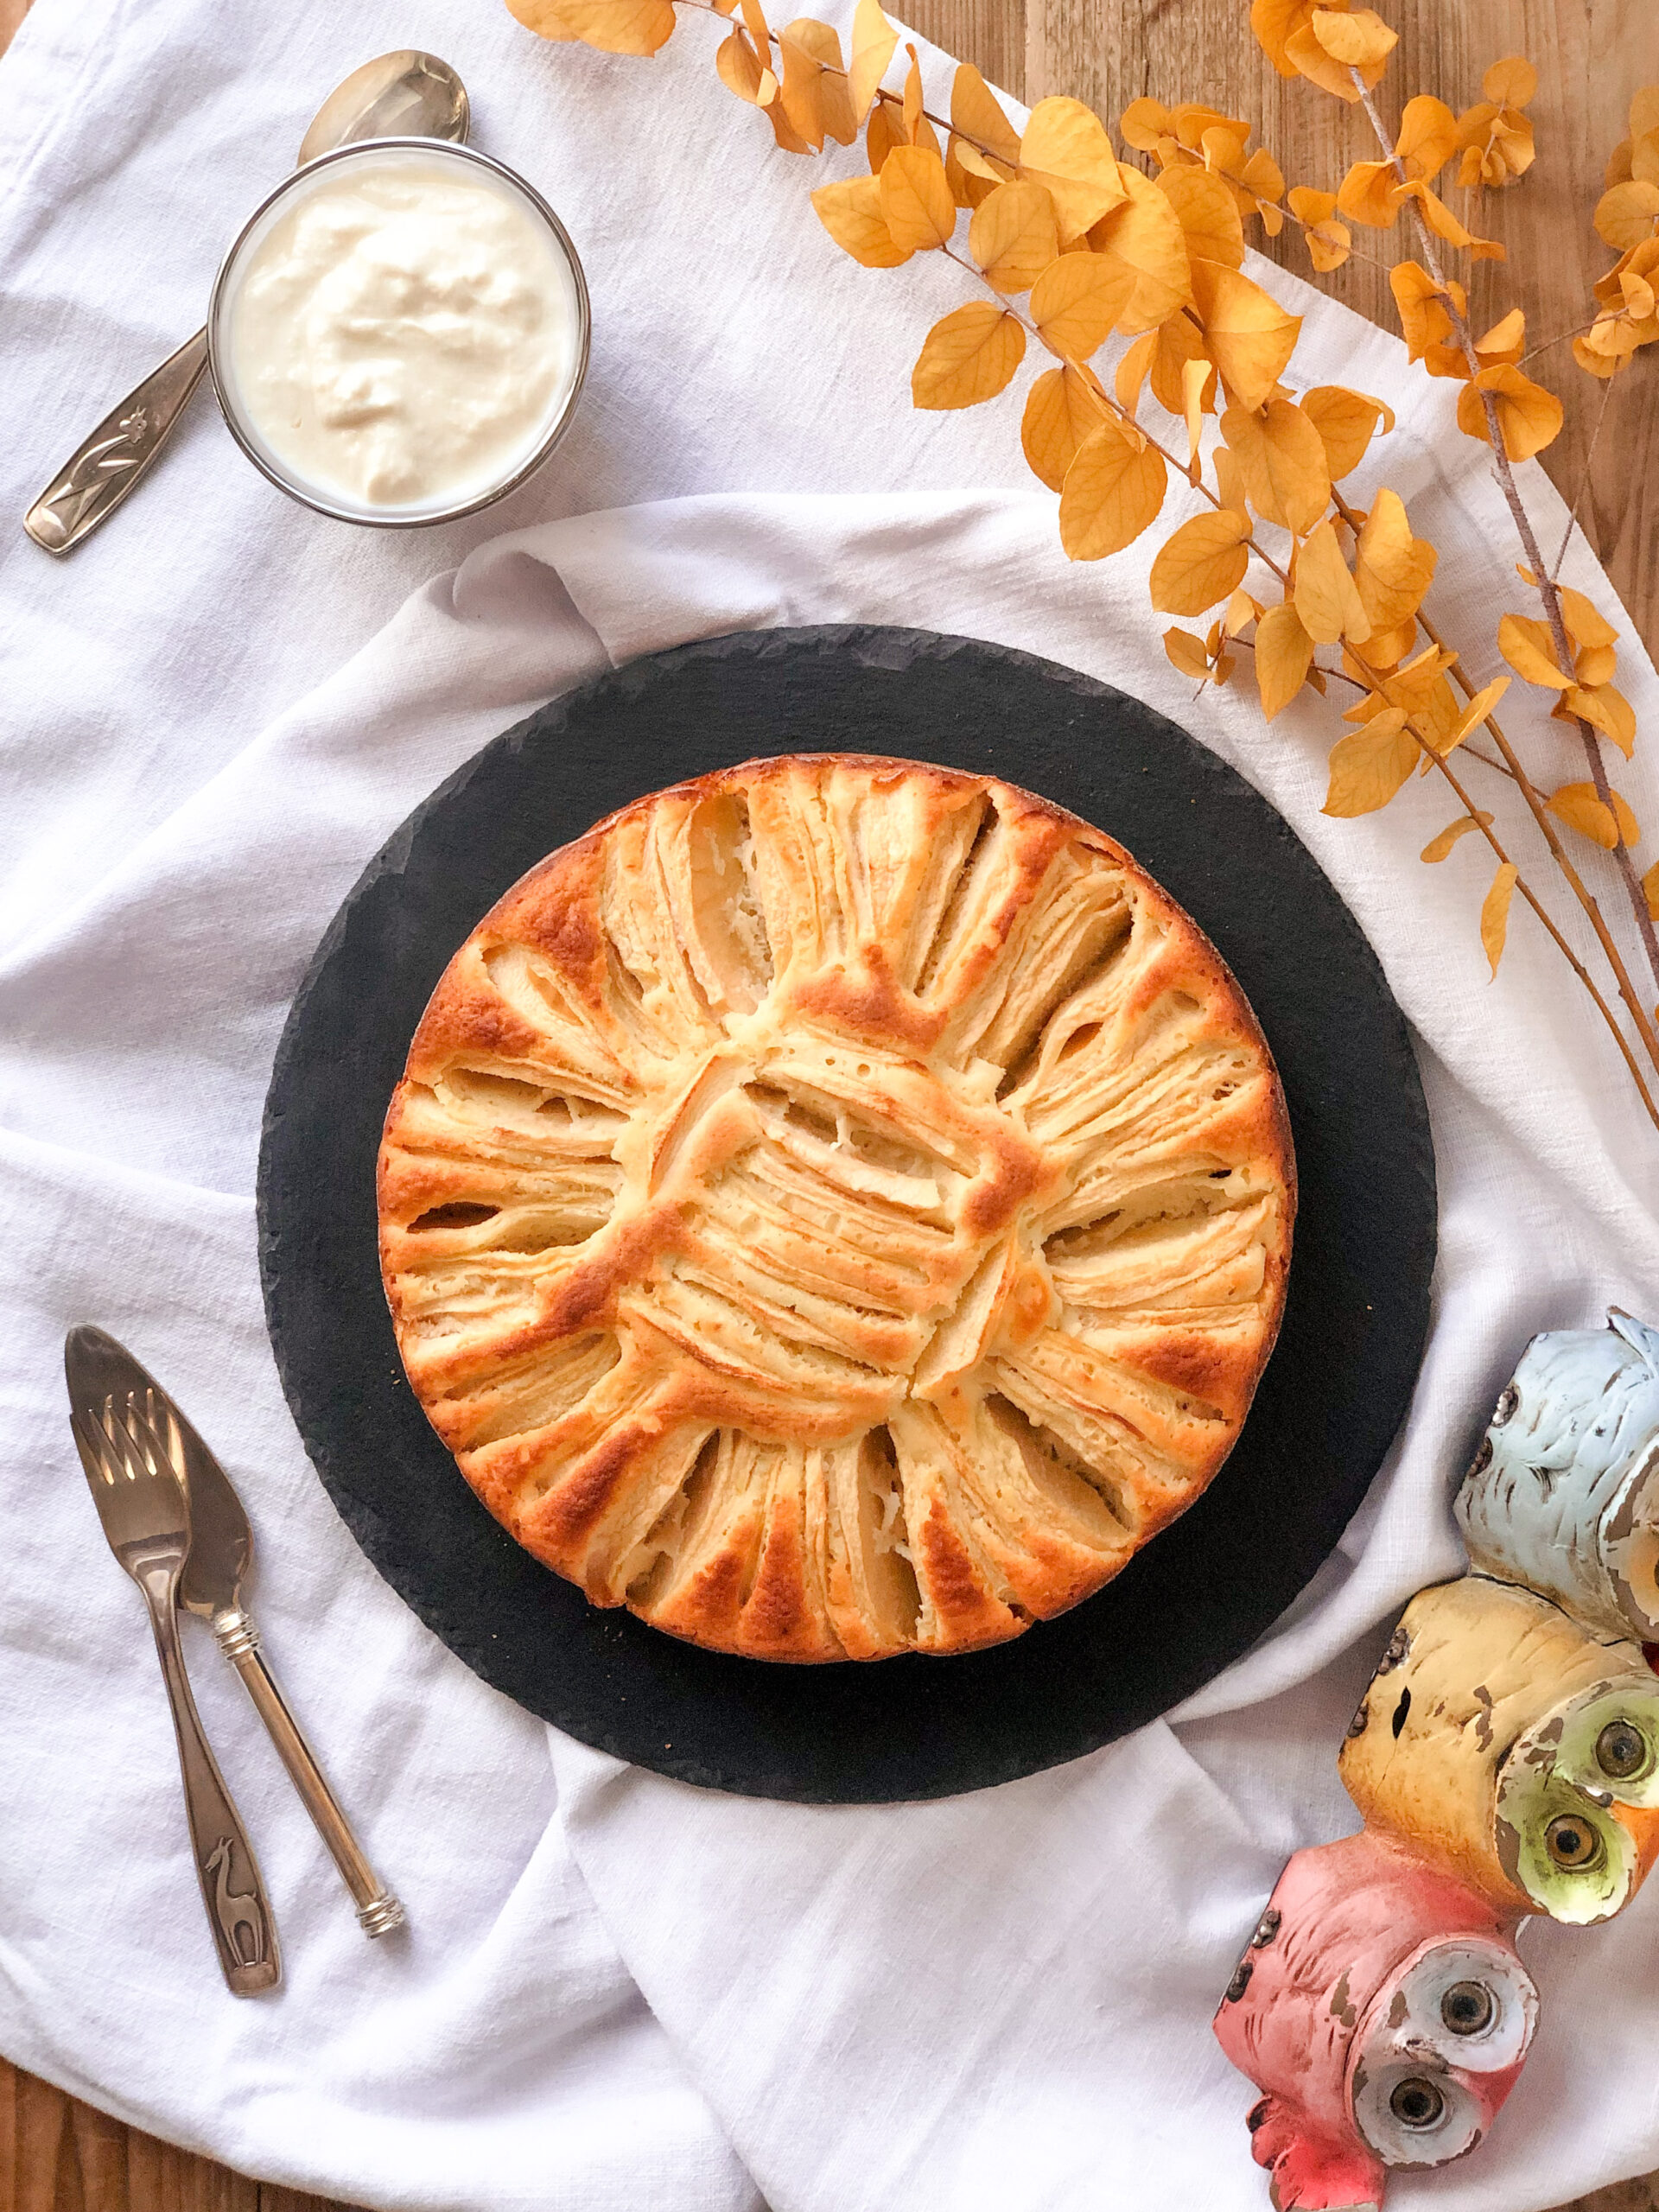 Torta di mele con eritritolo, olio evo, yogurt di soia, senza glutine e senza latticini, con farina di riso finissima e farina di miglio